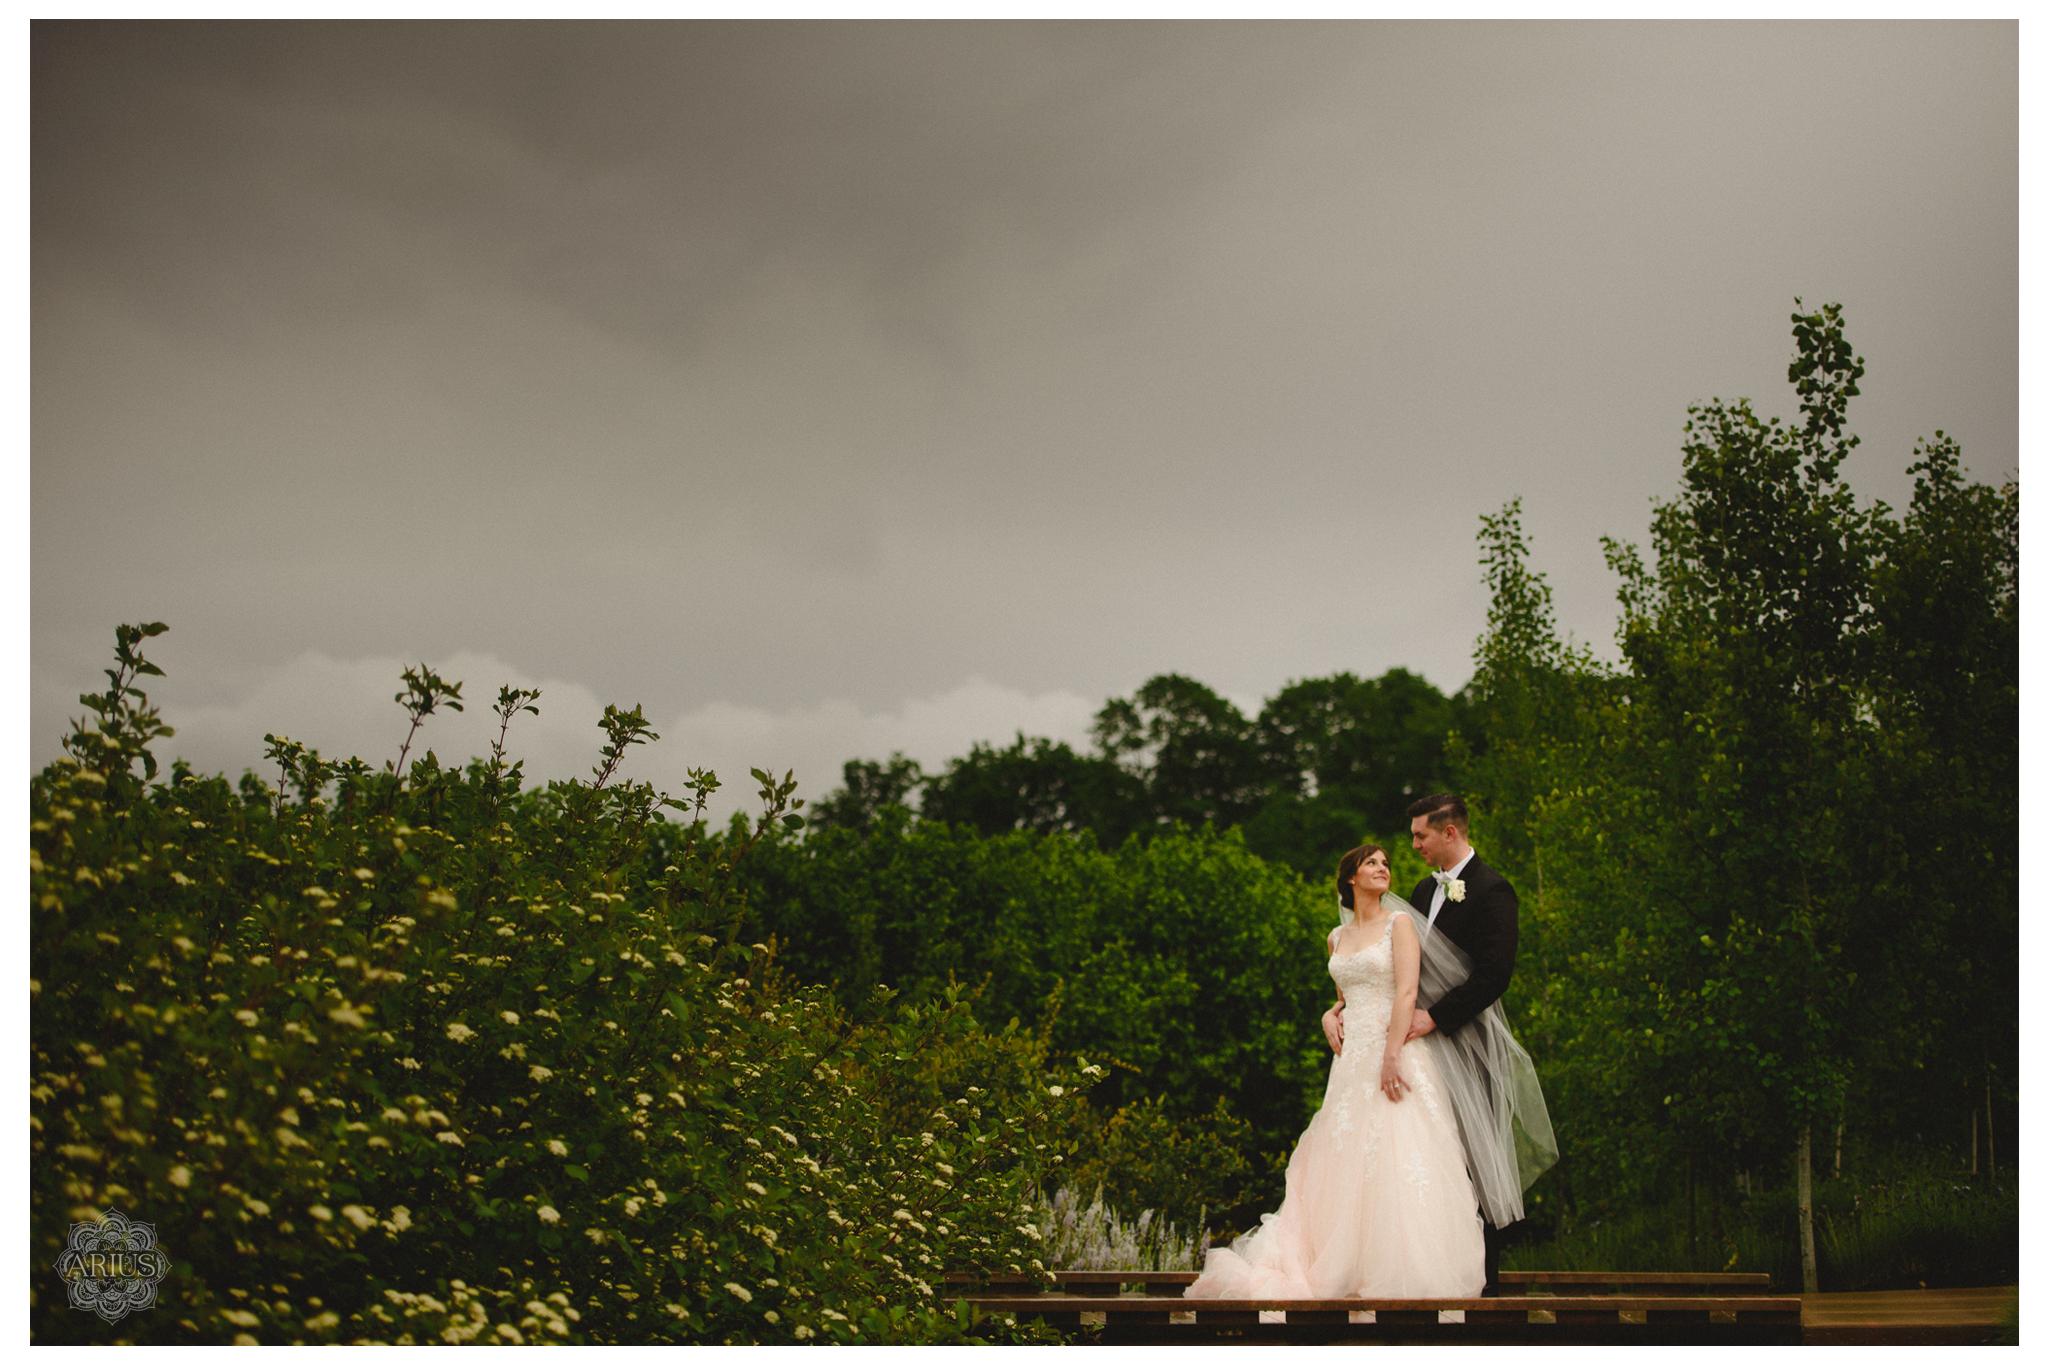 AriusPhoto-Penn-State-Wedding-Arboretum-Bride-Groom-Portrait-Cloudy-Sky-2.png